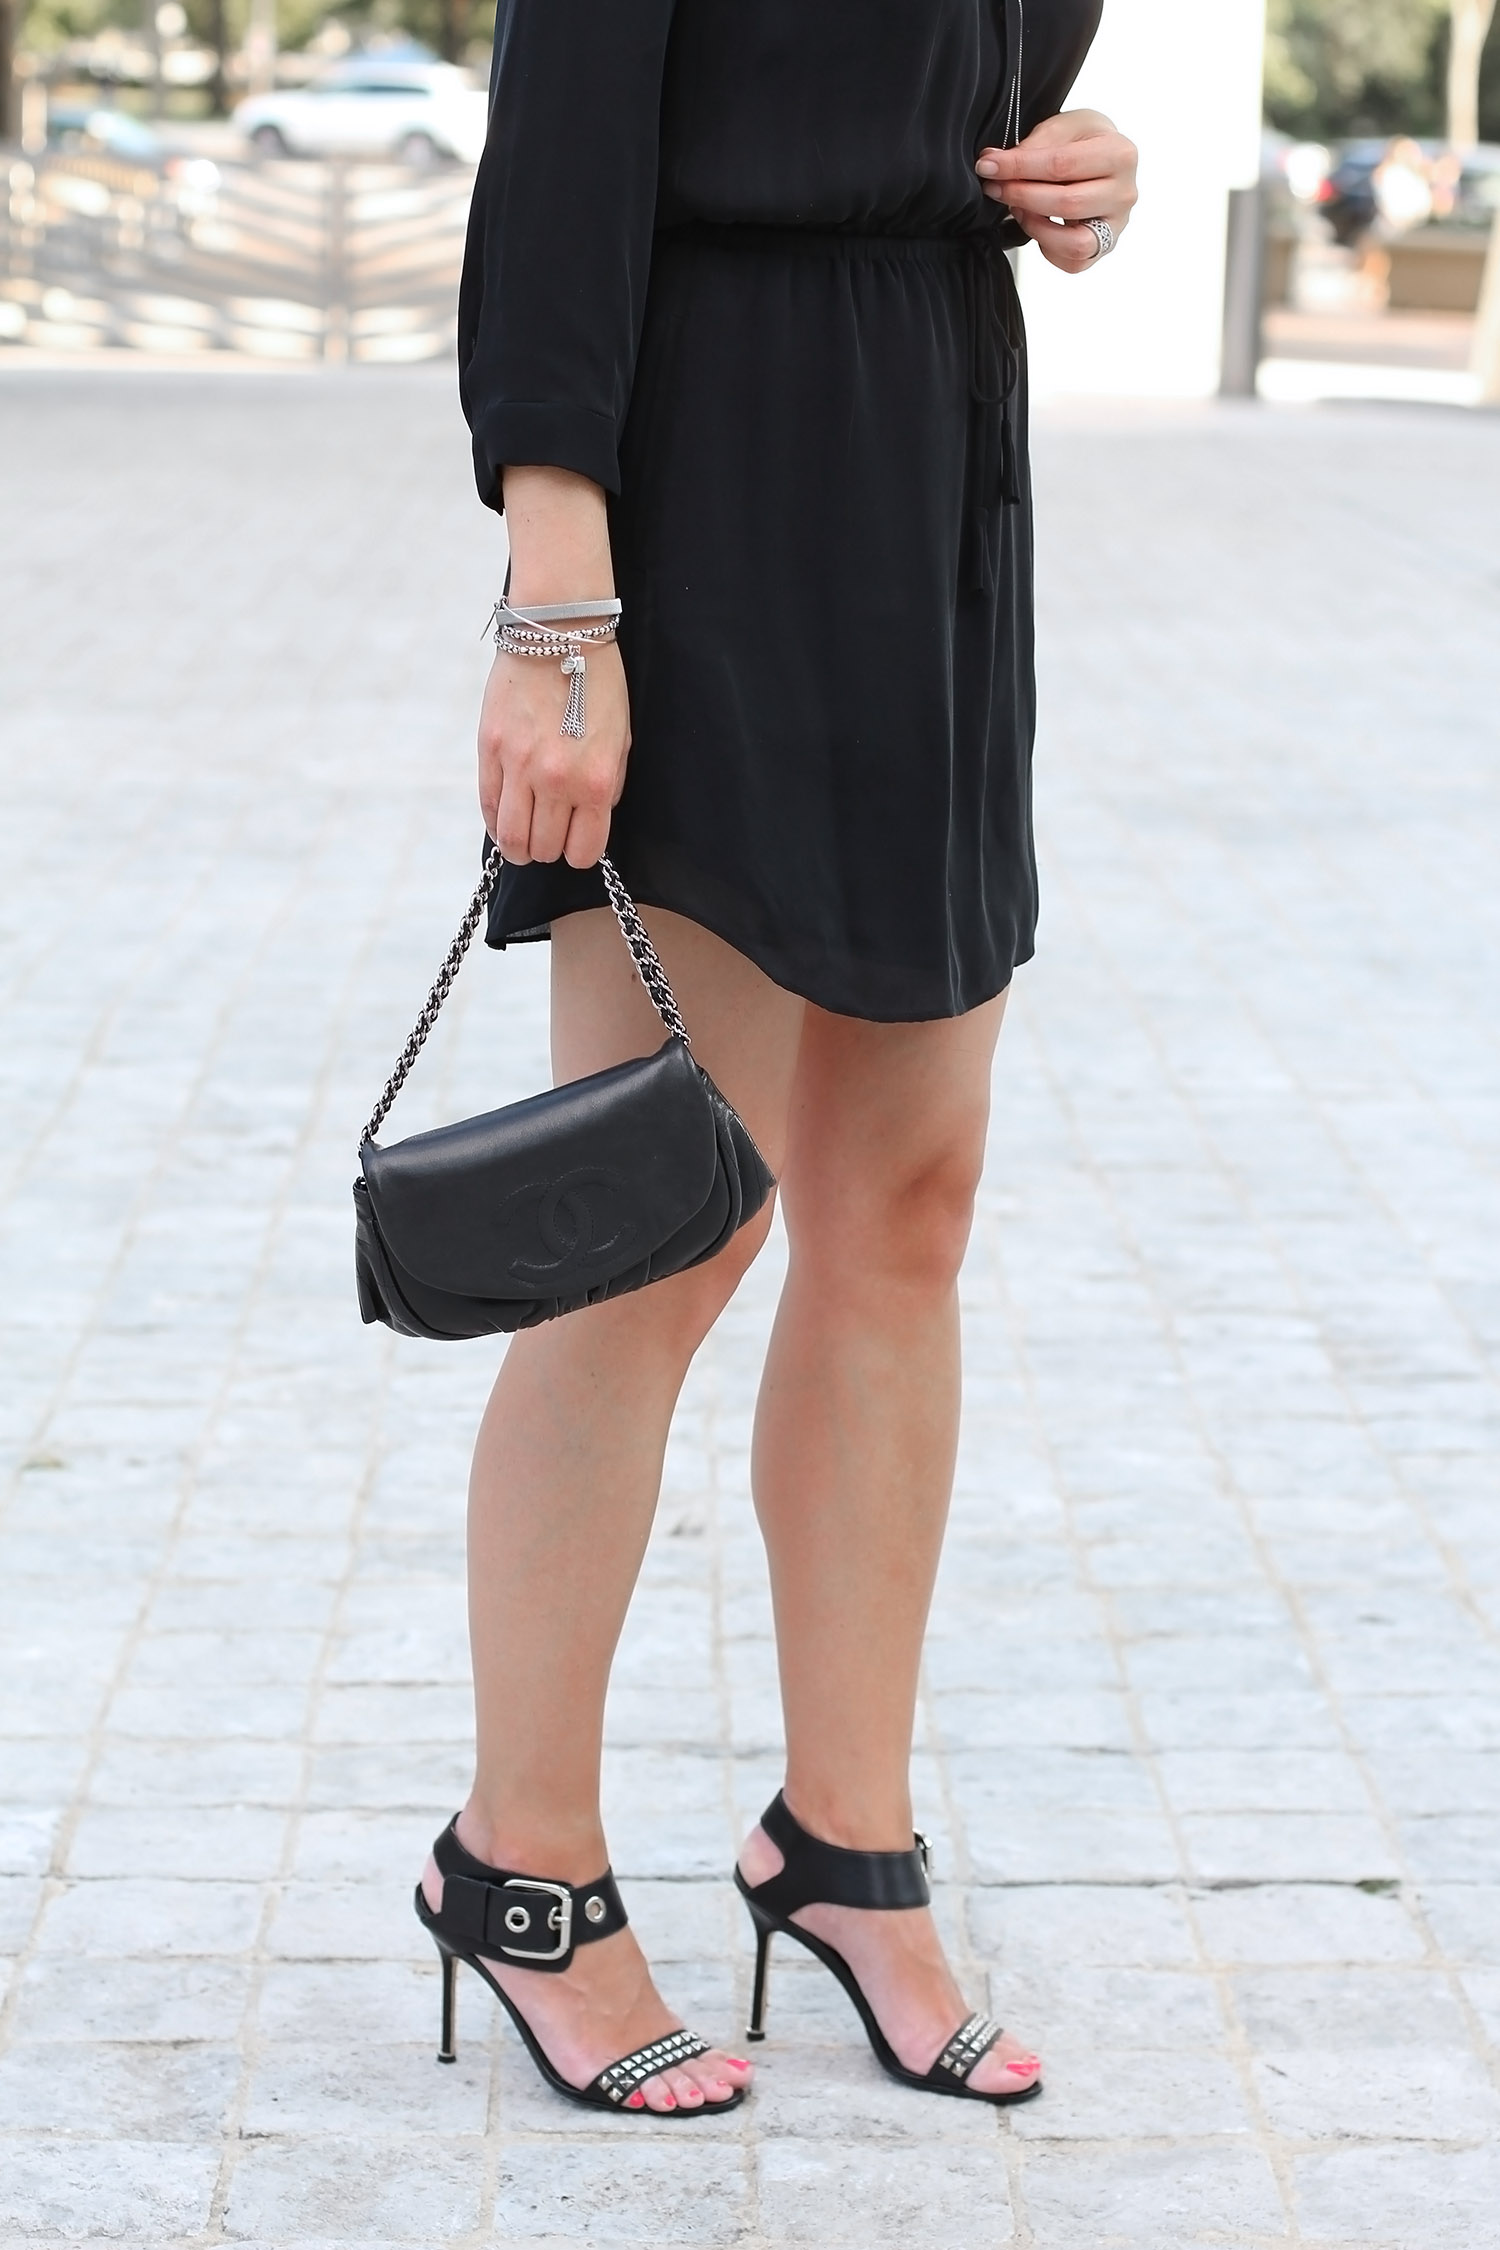 Studded Summer Heels, Aritzia Black Dress